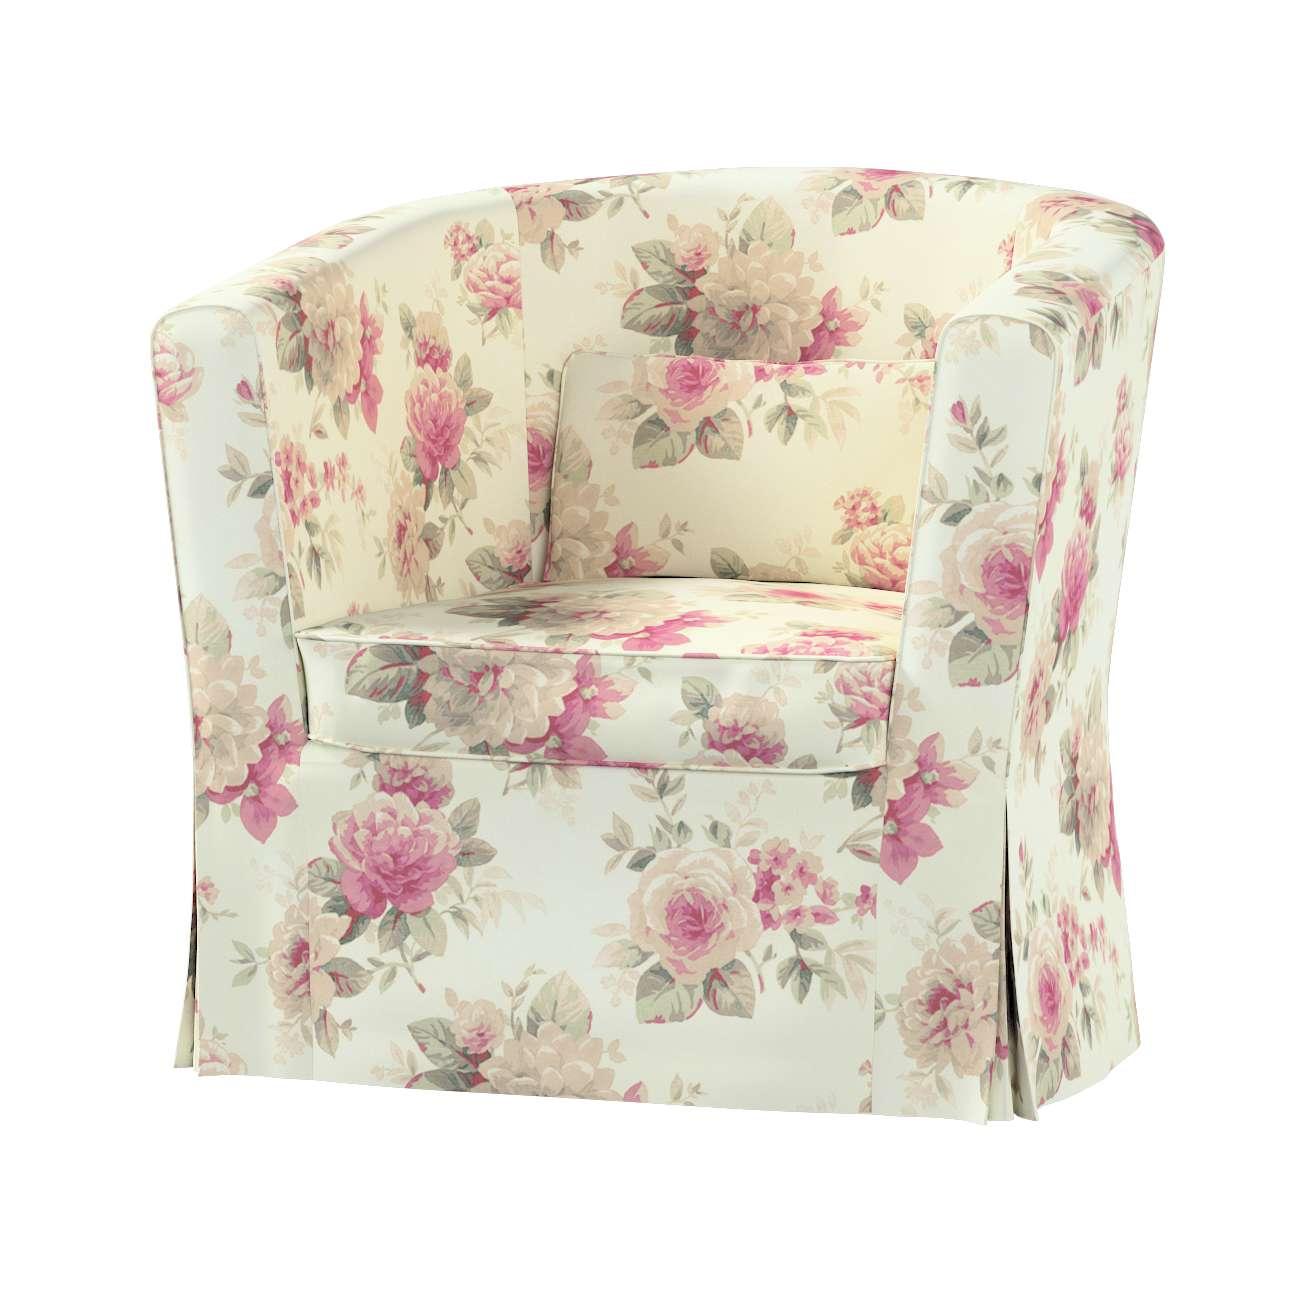 Ektorp Tullsta Sesselbezug von der Kollektion Mirella, Stoff: 141-07